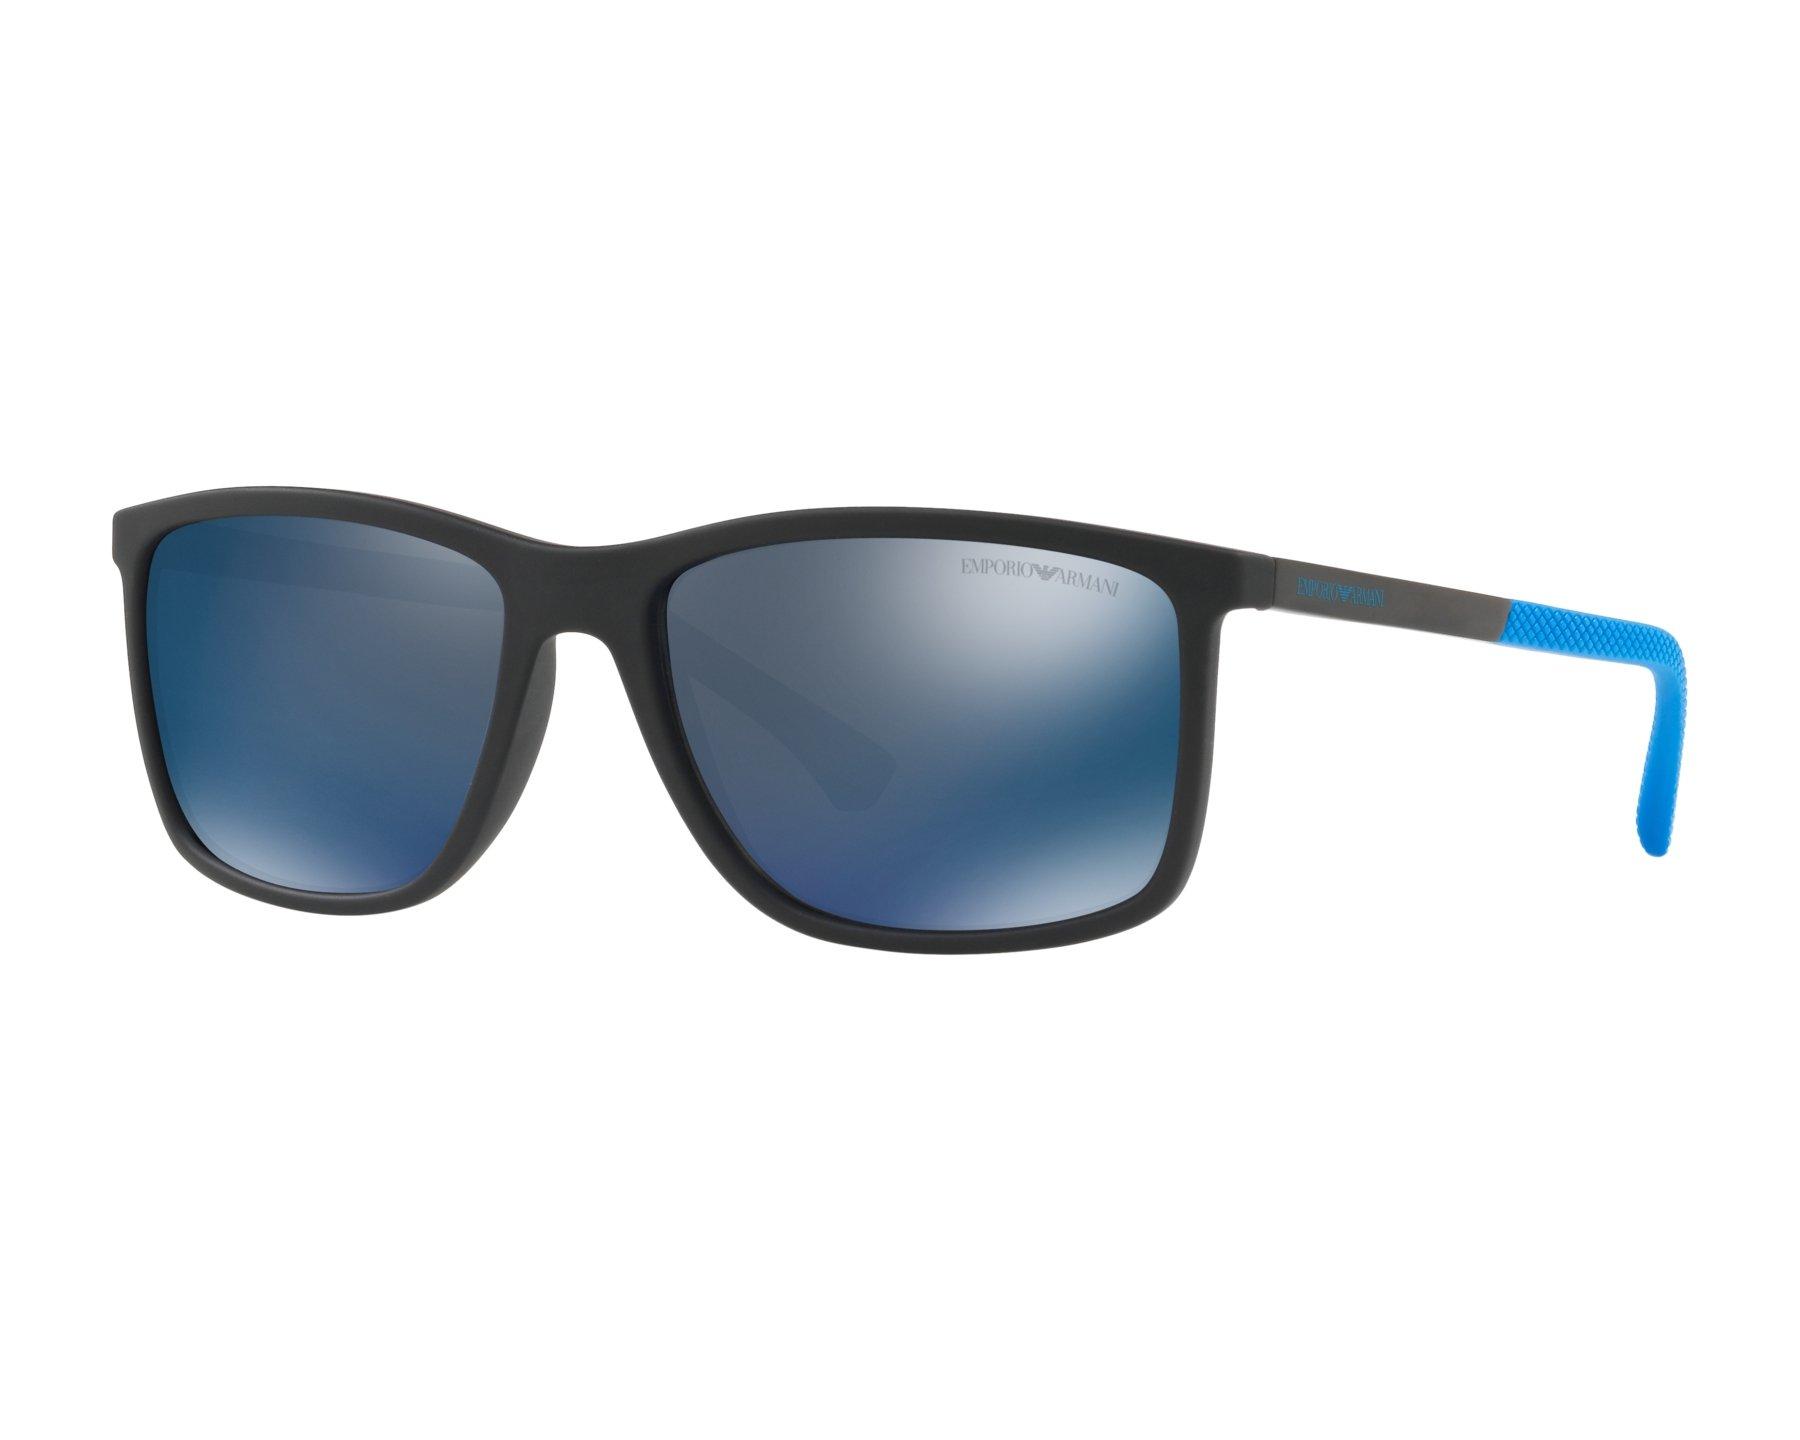 a00abef3a15 Sunglasses Emporio Armani EA-4058 565025 58-17 Black Blue